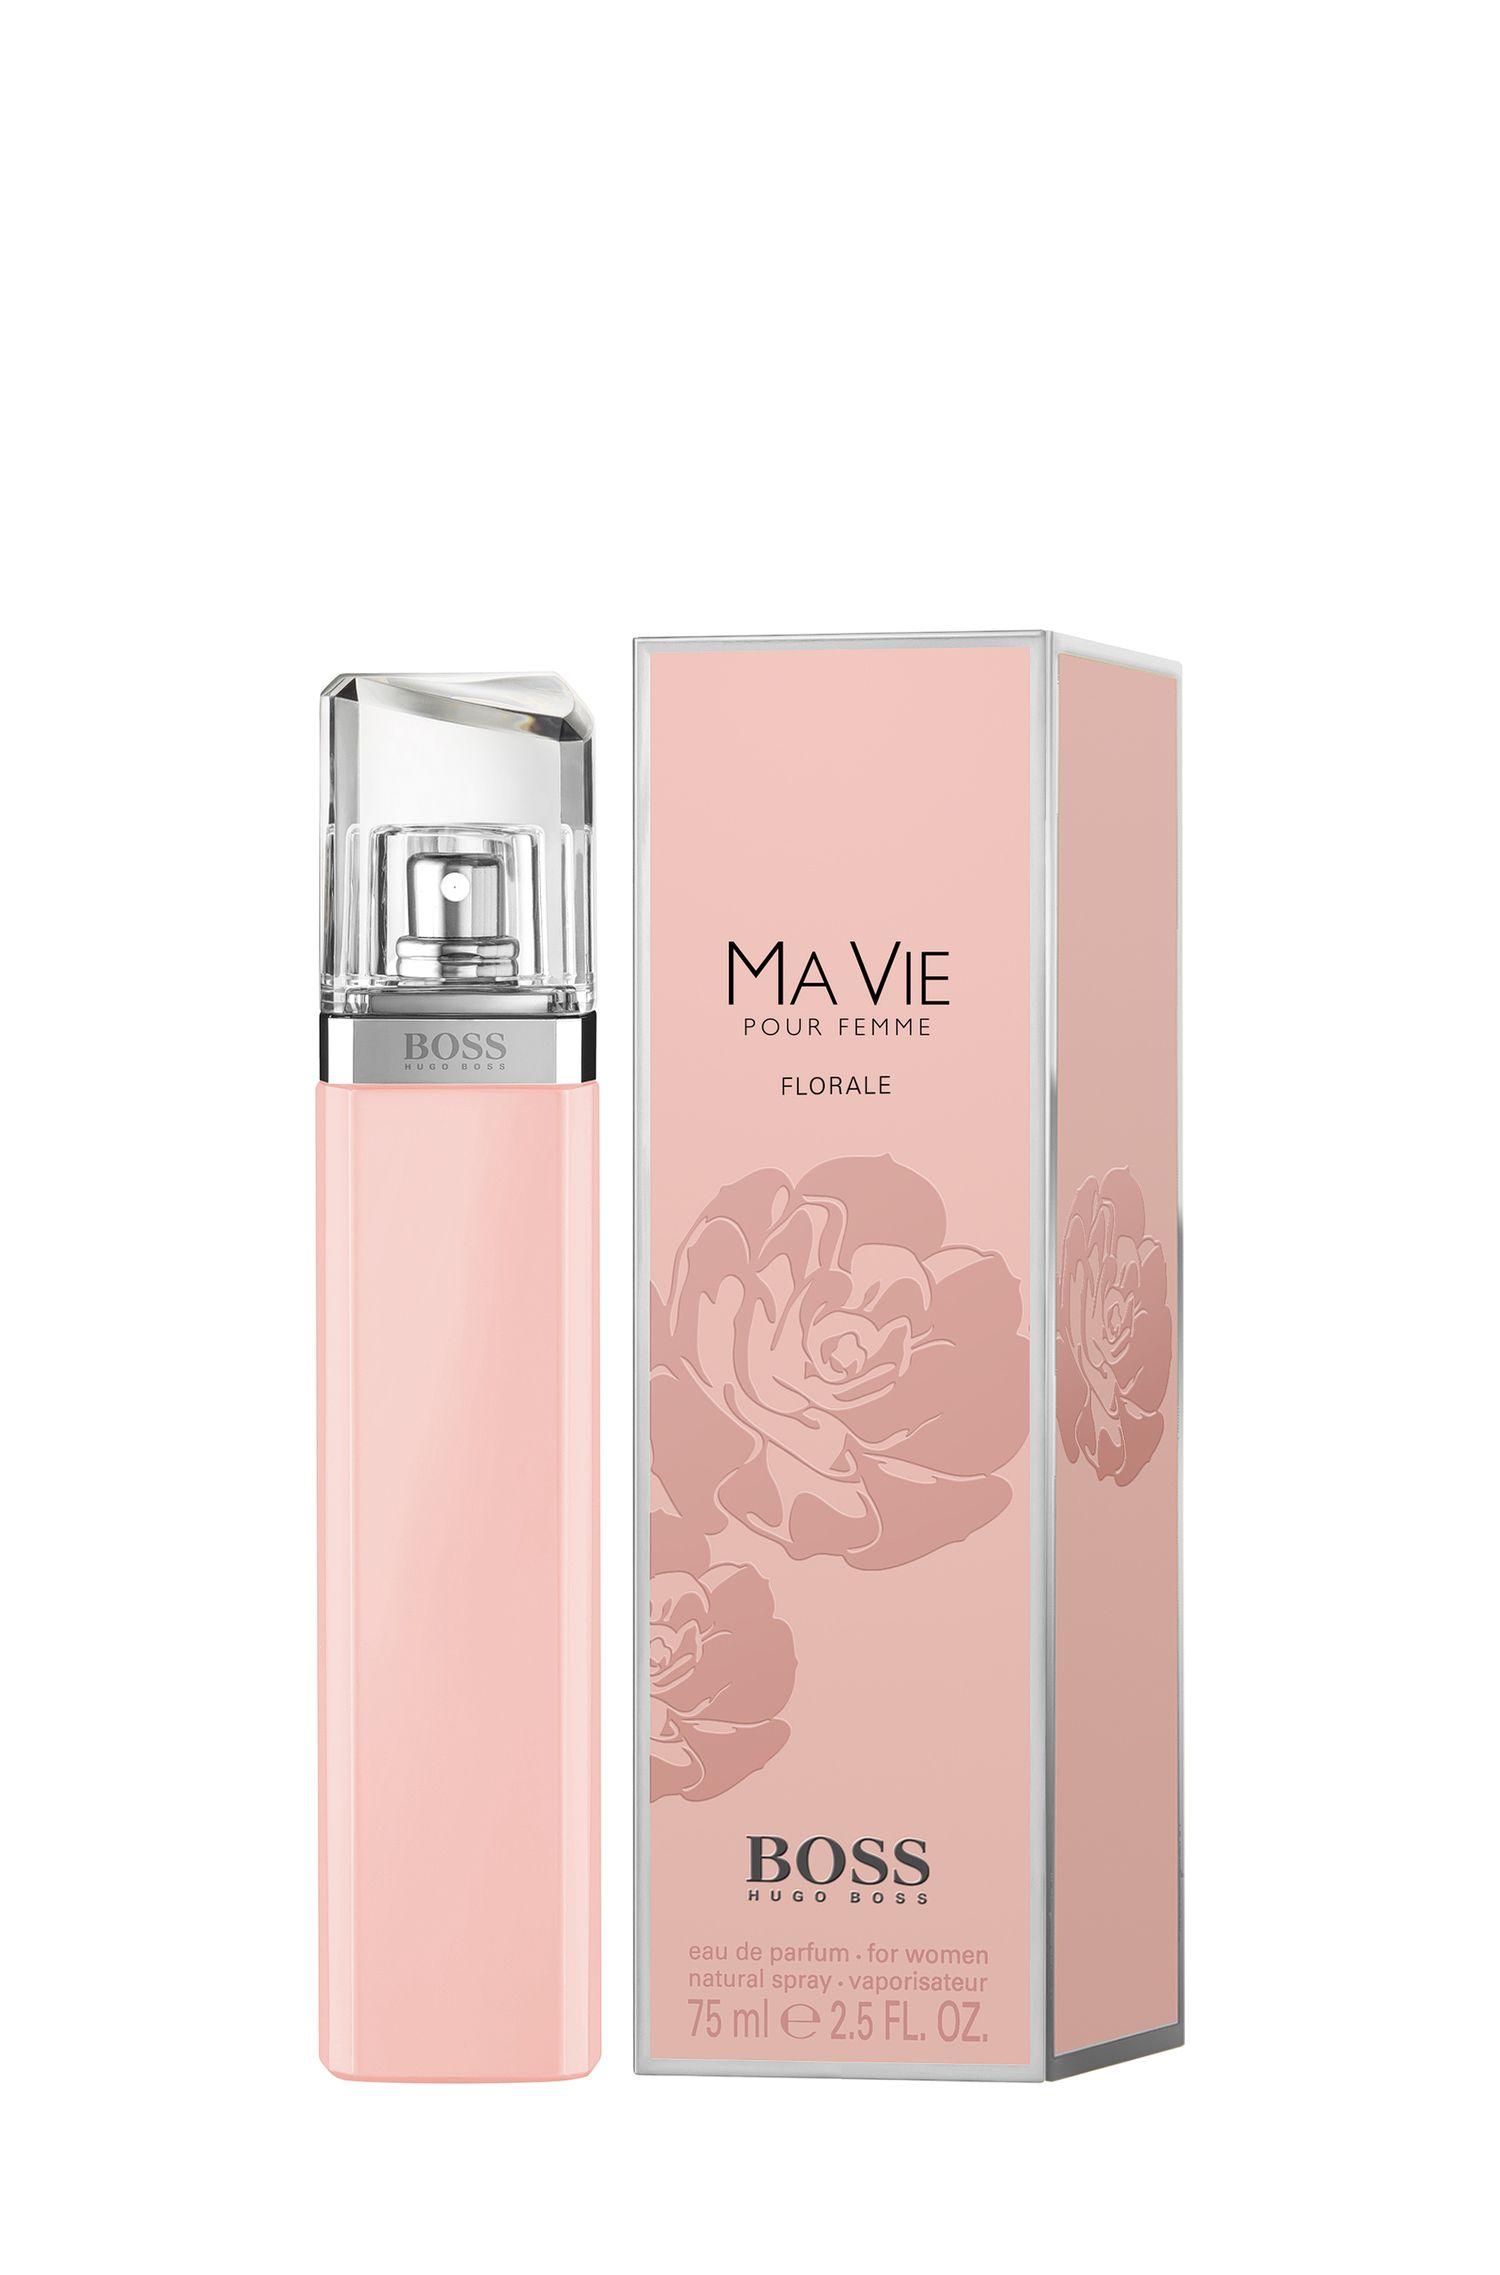 Eau de Parfum BOSS Ma Vie Florale, 75ml